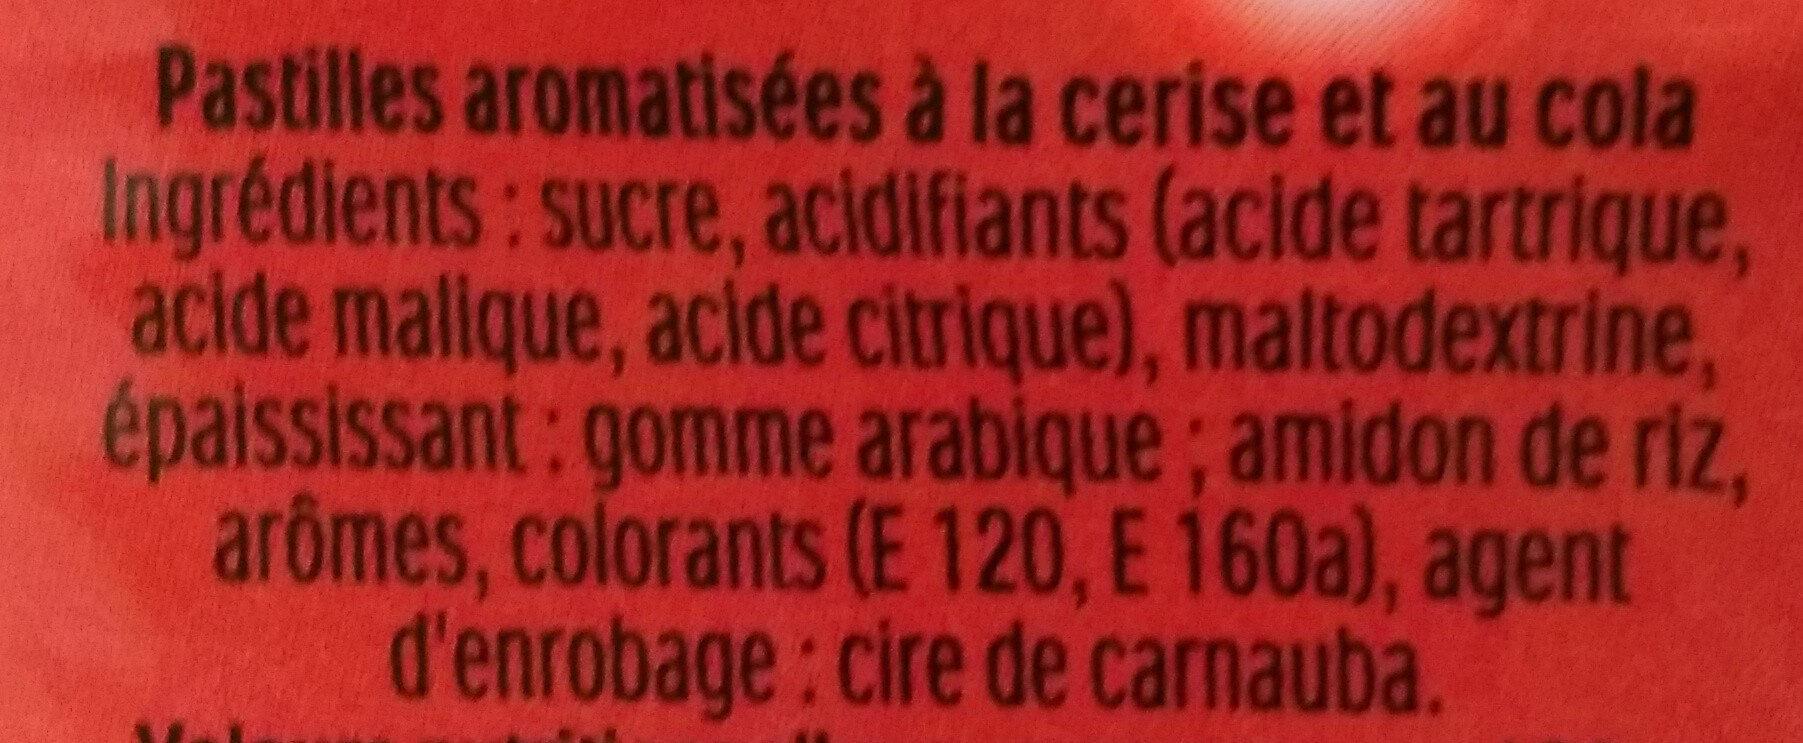 Tic tac mixers cerise cola t100 etui de 100 - Ingrédients - fr